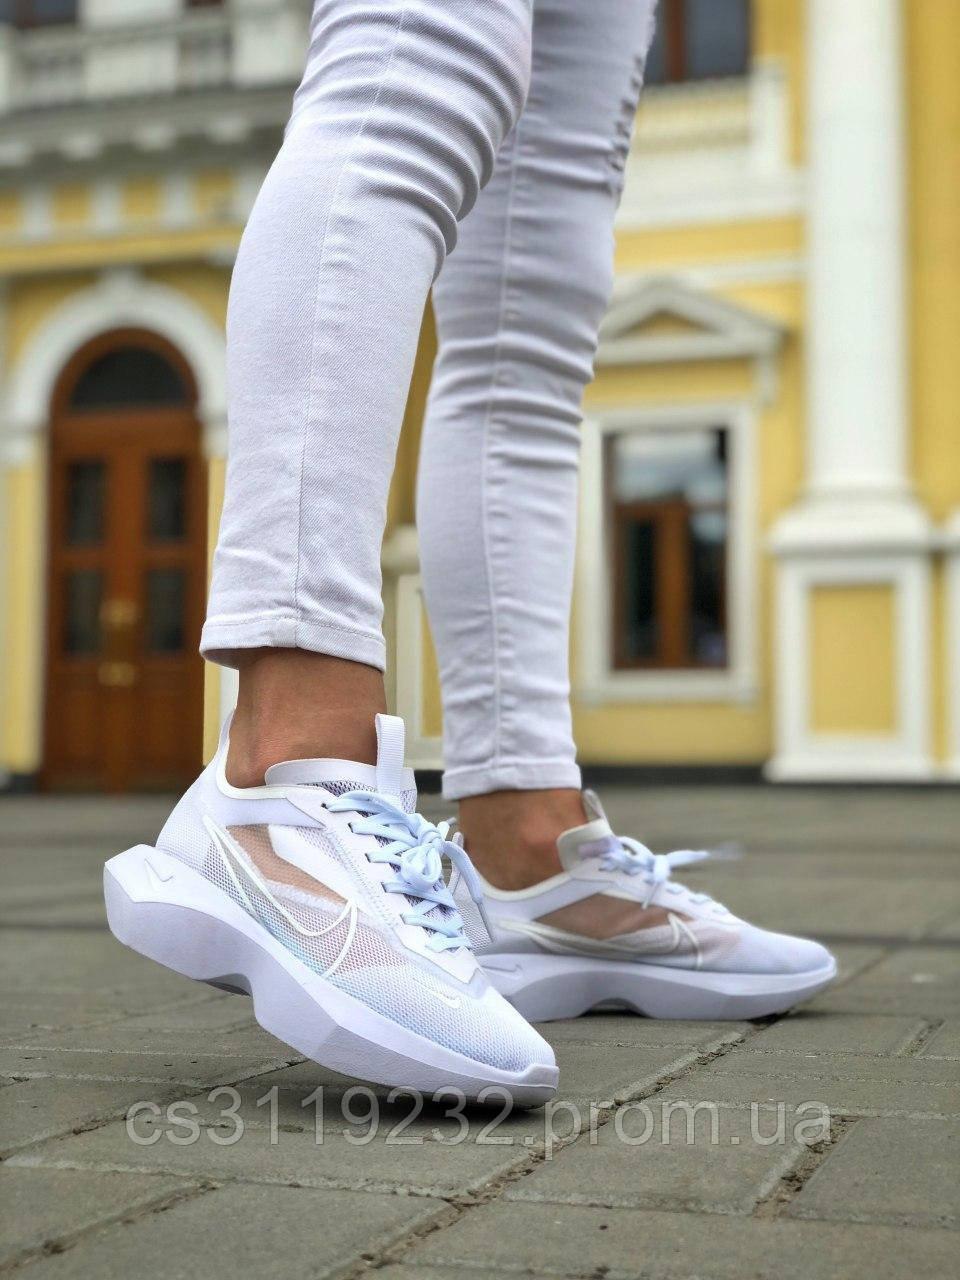 Женские кроссовки Nike Vista Lite (белые)